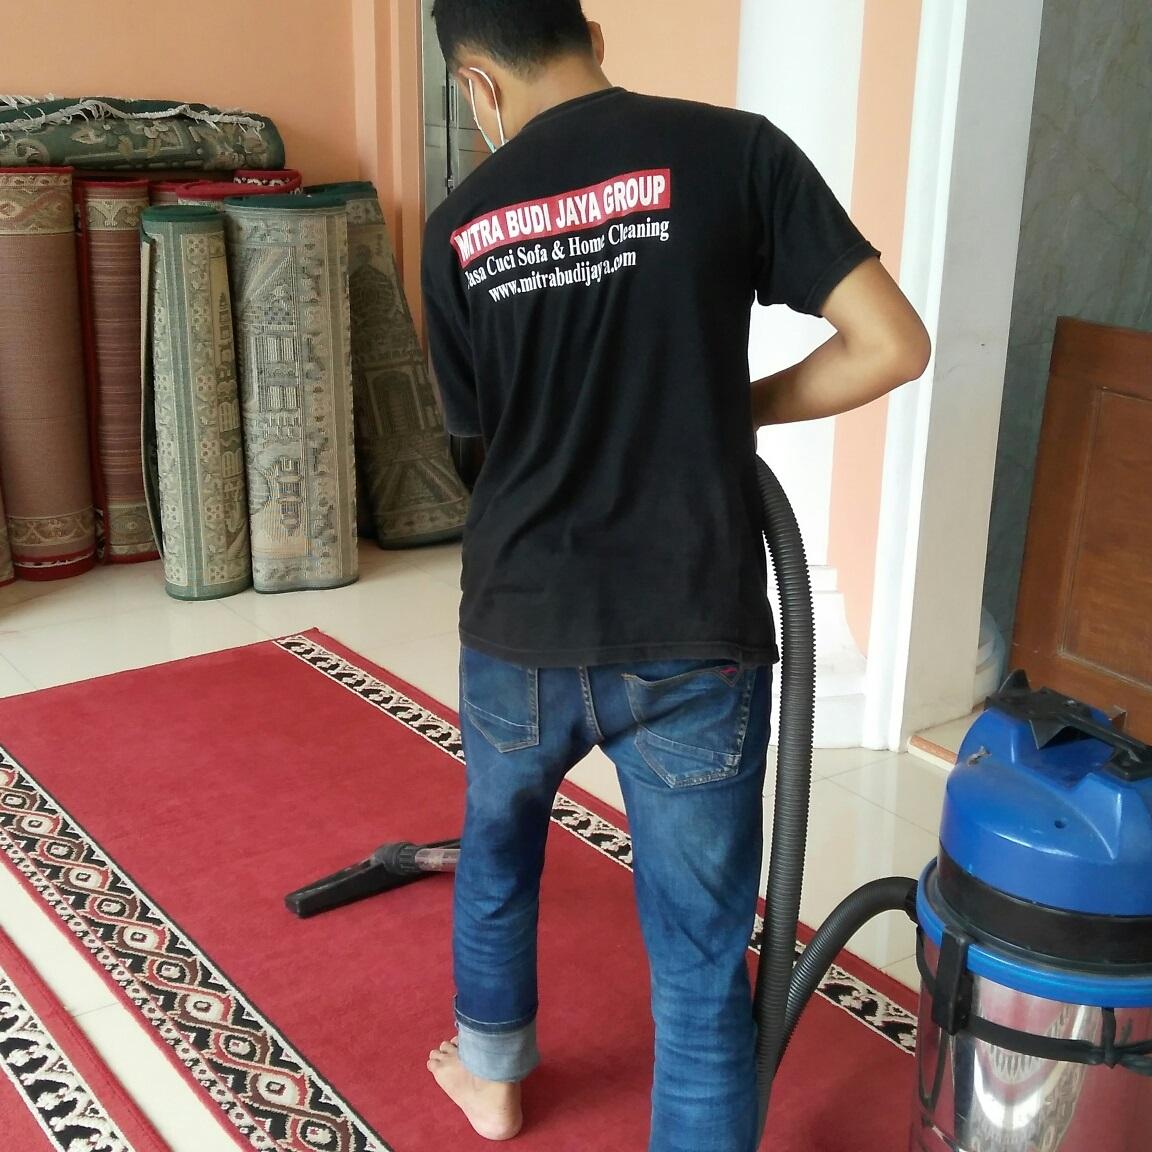 Jasa Cuci Karpet Kota Serang Harga Terjangkau Hasil Cepat dan Berkualitas Di Kota Serang Banten